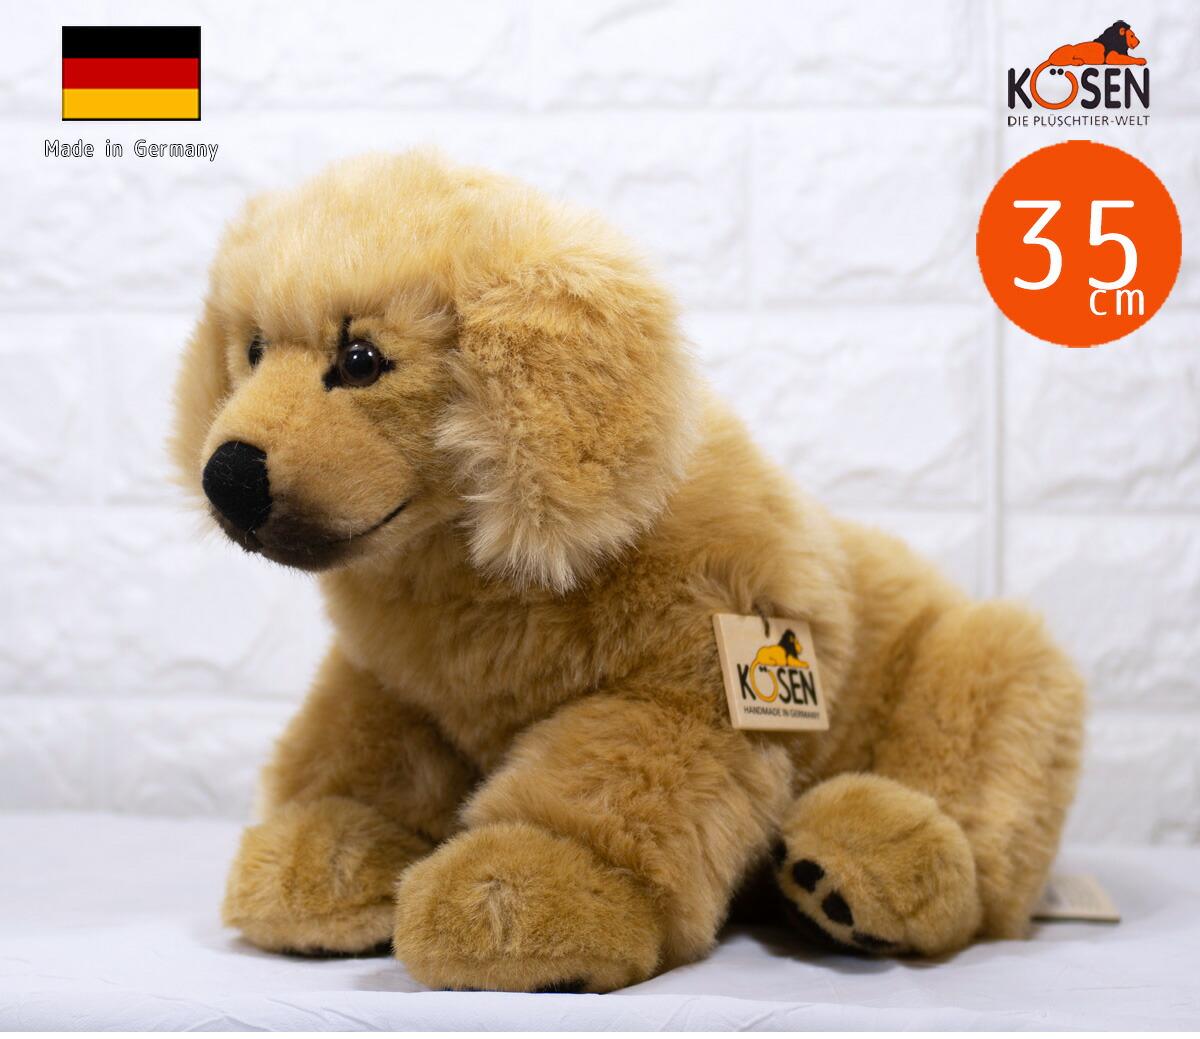 ケーセン ぬいぐるみ kosen ゴールデンレトリバーの赤ちゃん 座り KOSEN 35cm Golden Retriever Puppy 犬 いぬ リアル 動物